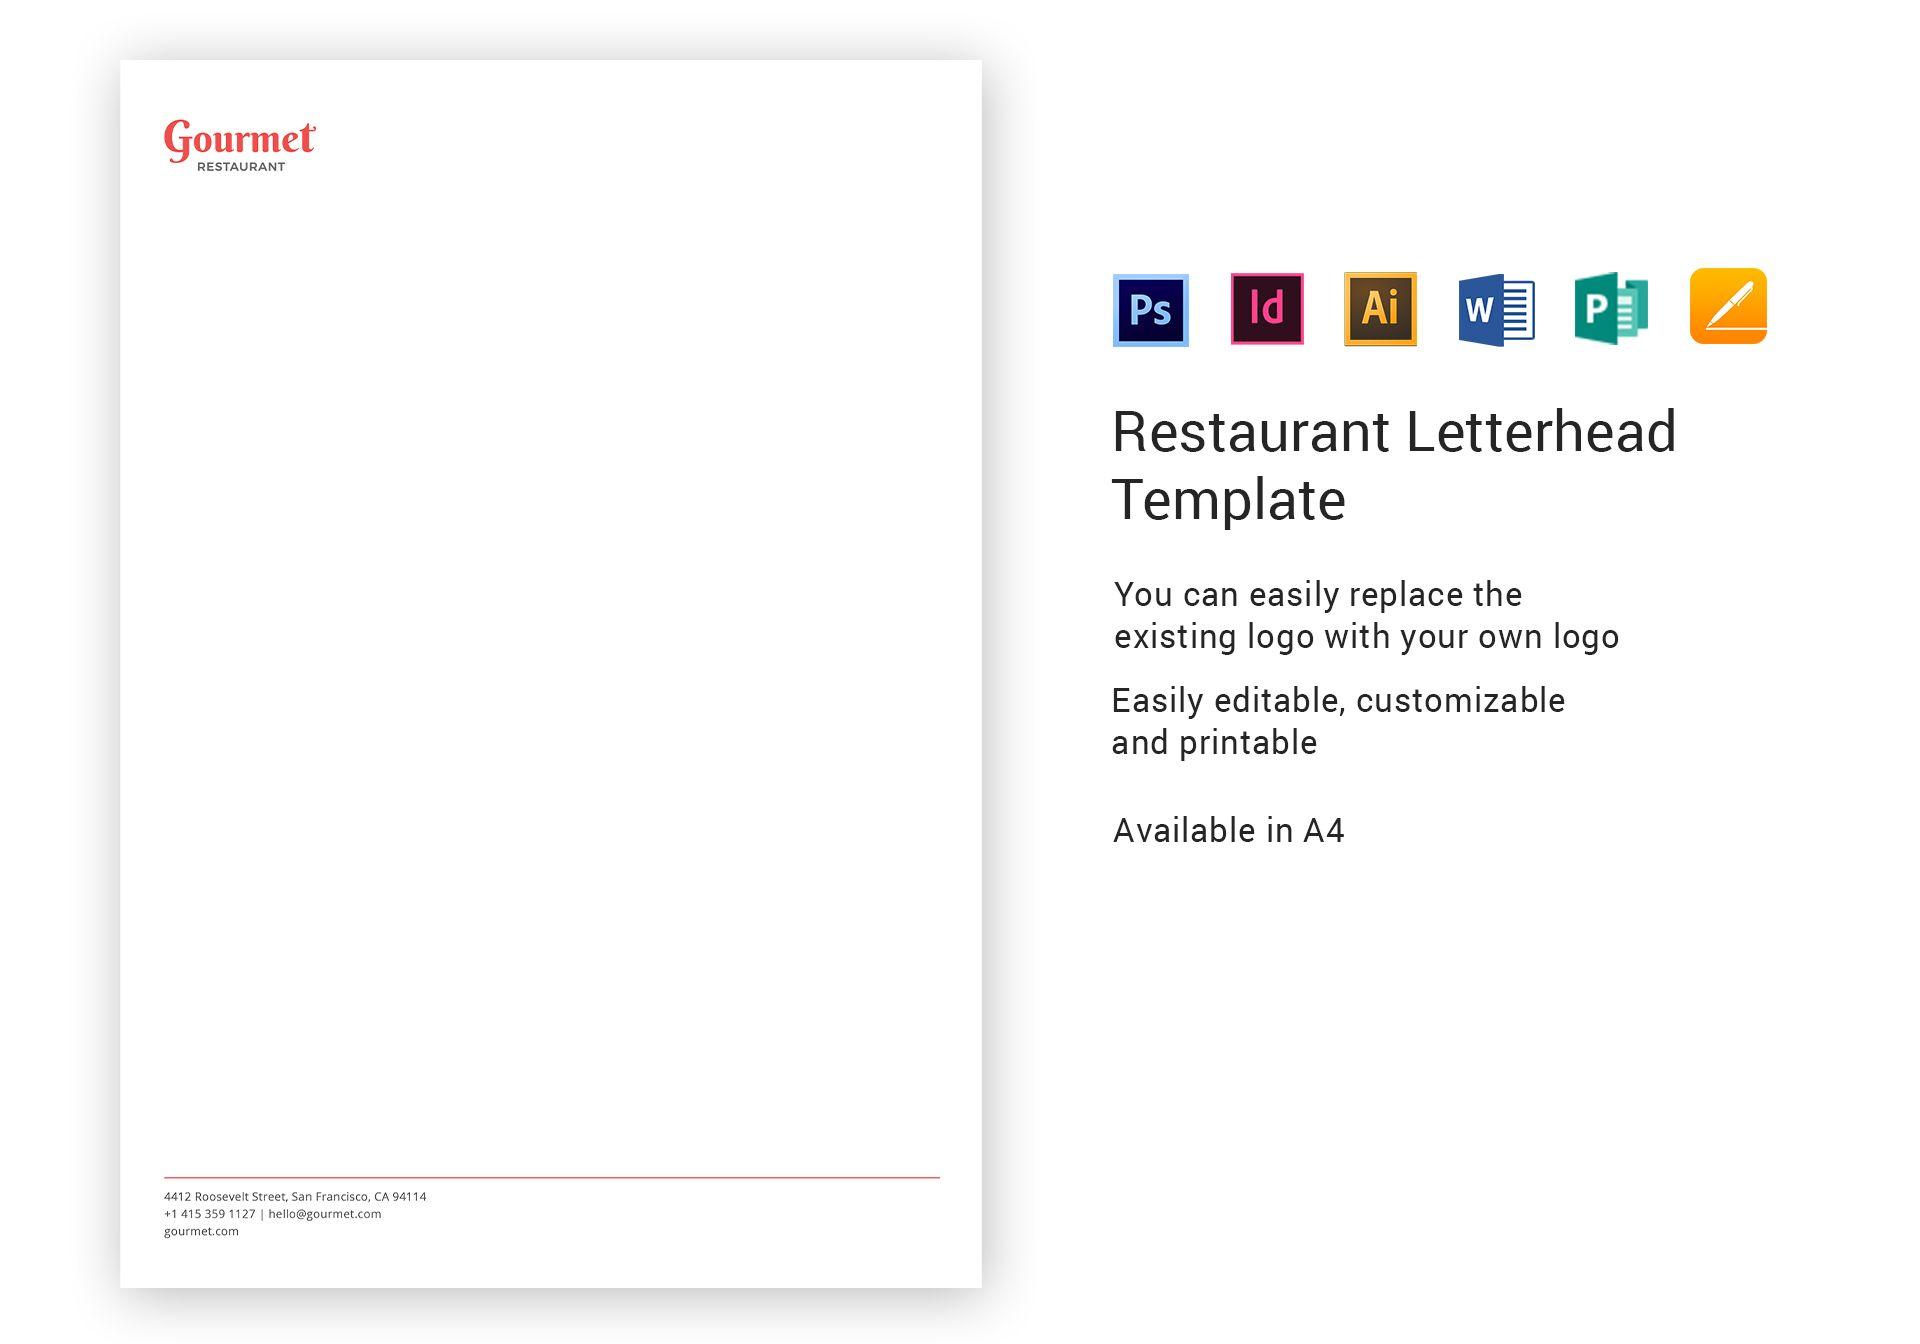 restaurant letterheads